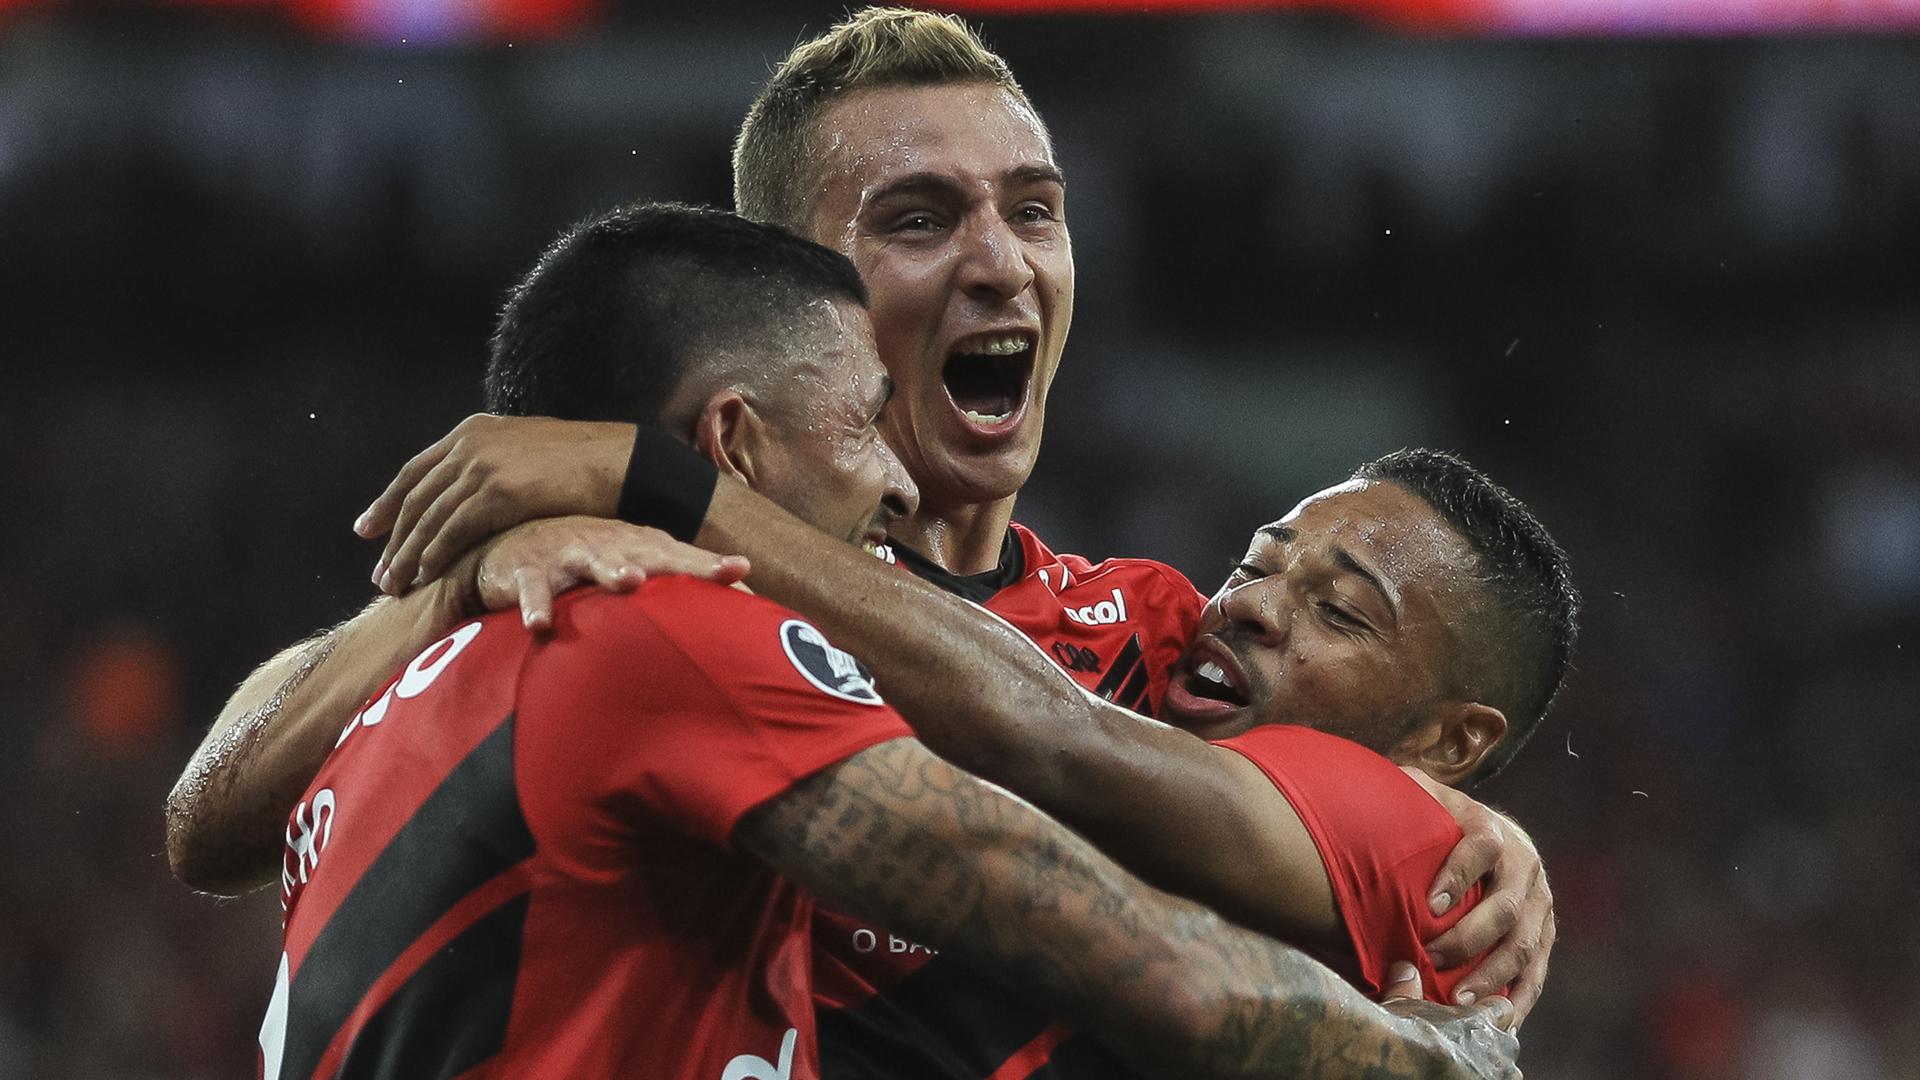 Copa Libertadores Review: Ruben hat-trick sees Athletico beat Boca